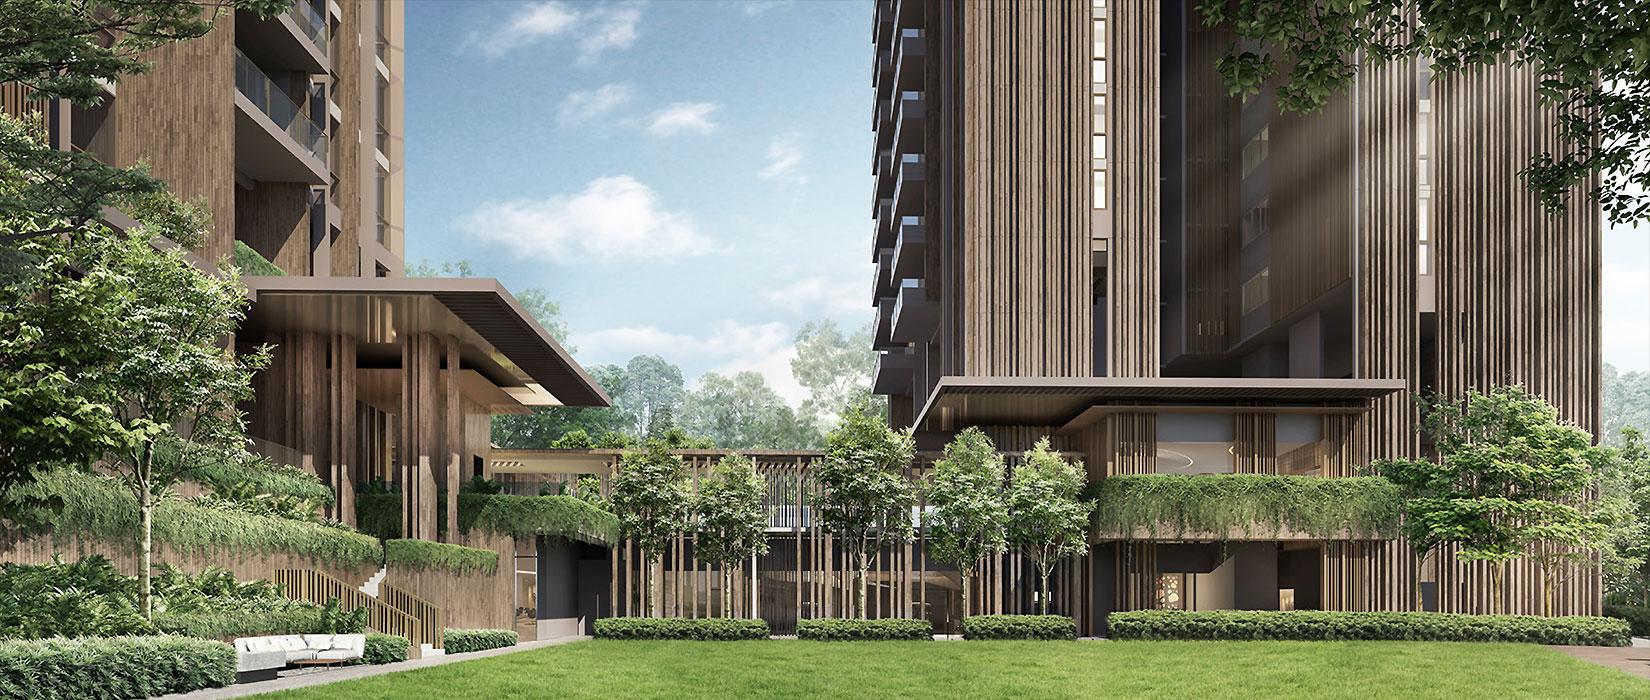 The-Avenir-Facade-Singapore